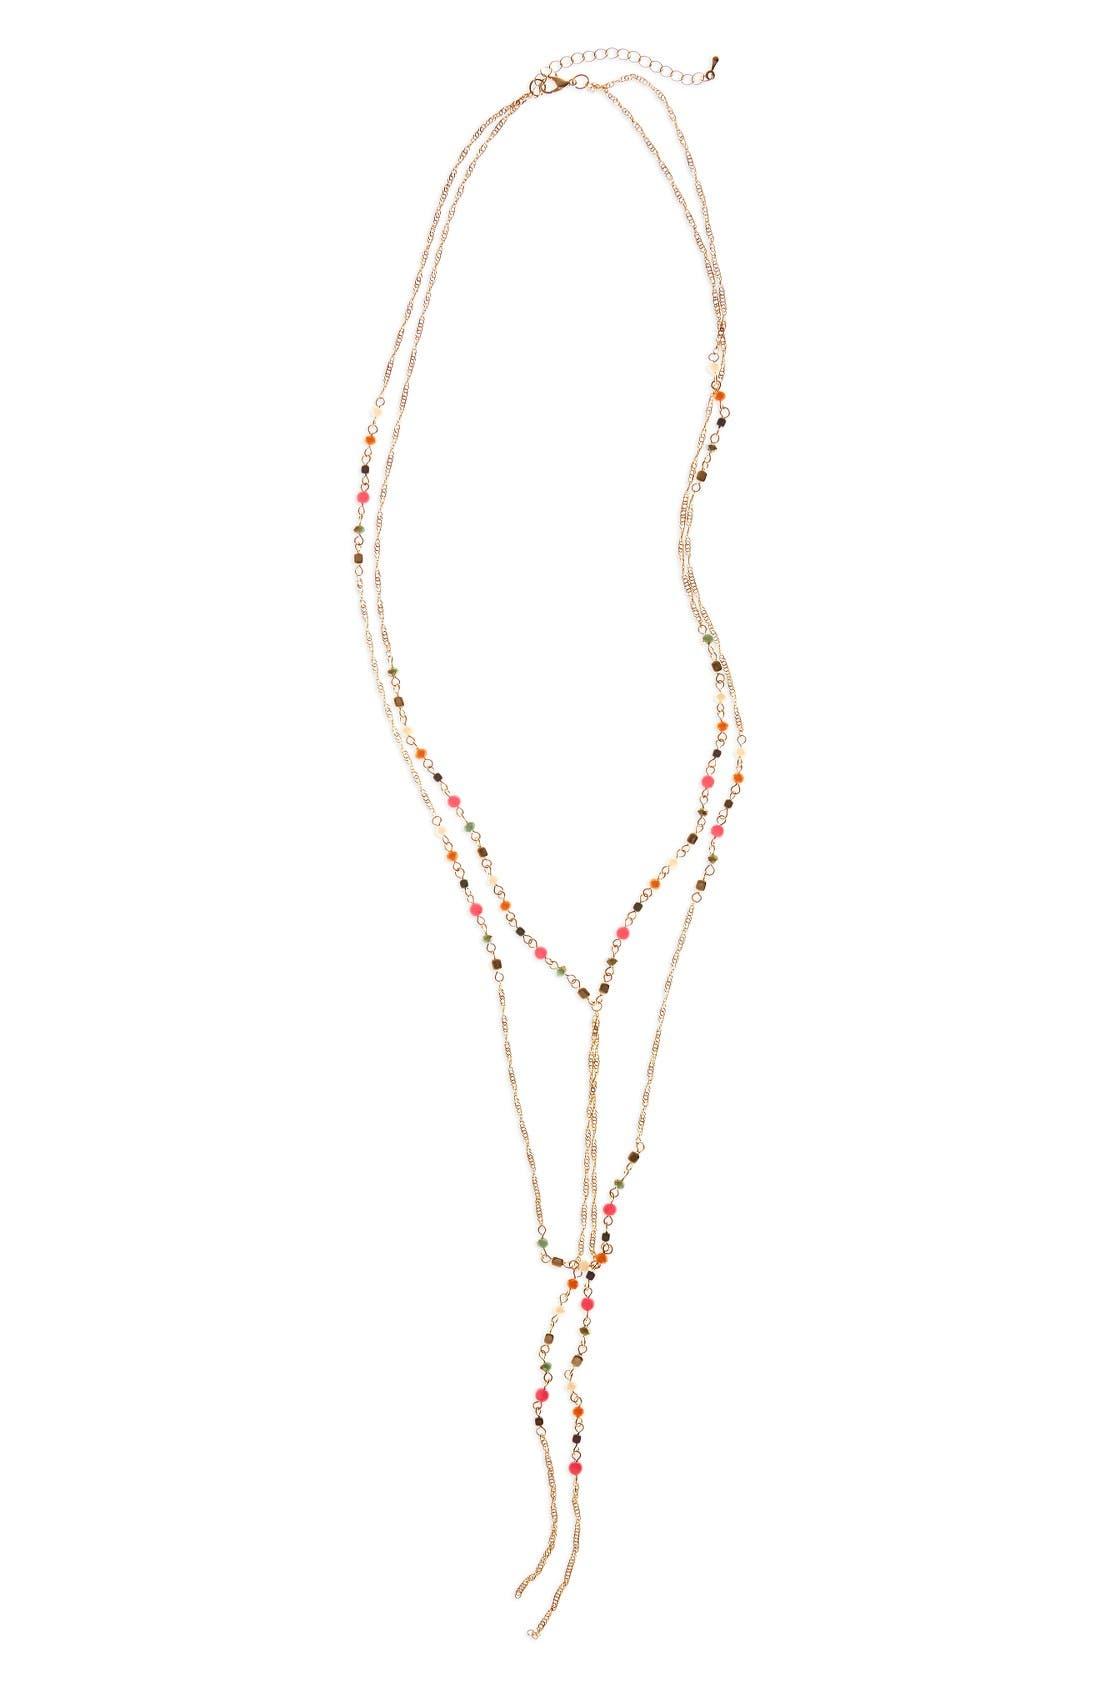 Main Image - Panacea Multistrand Y-Necklace